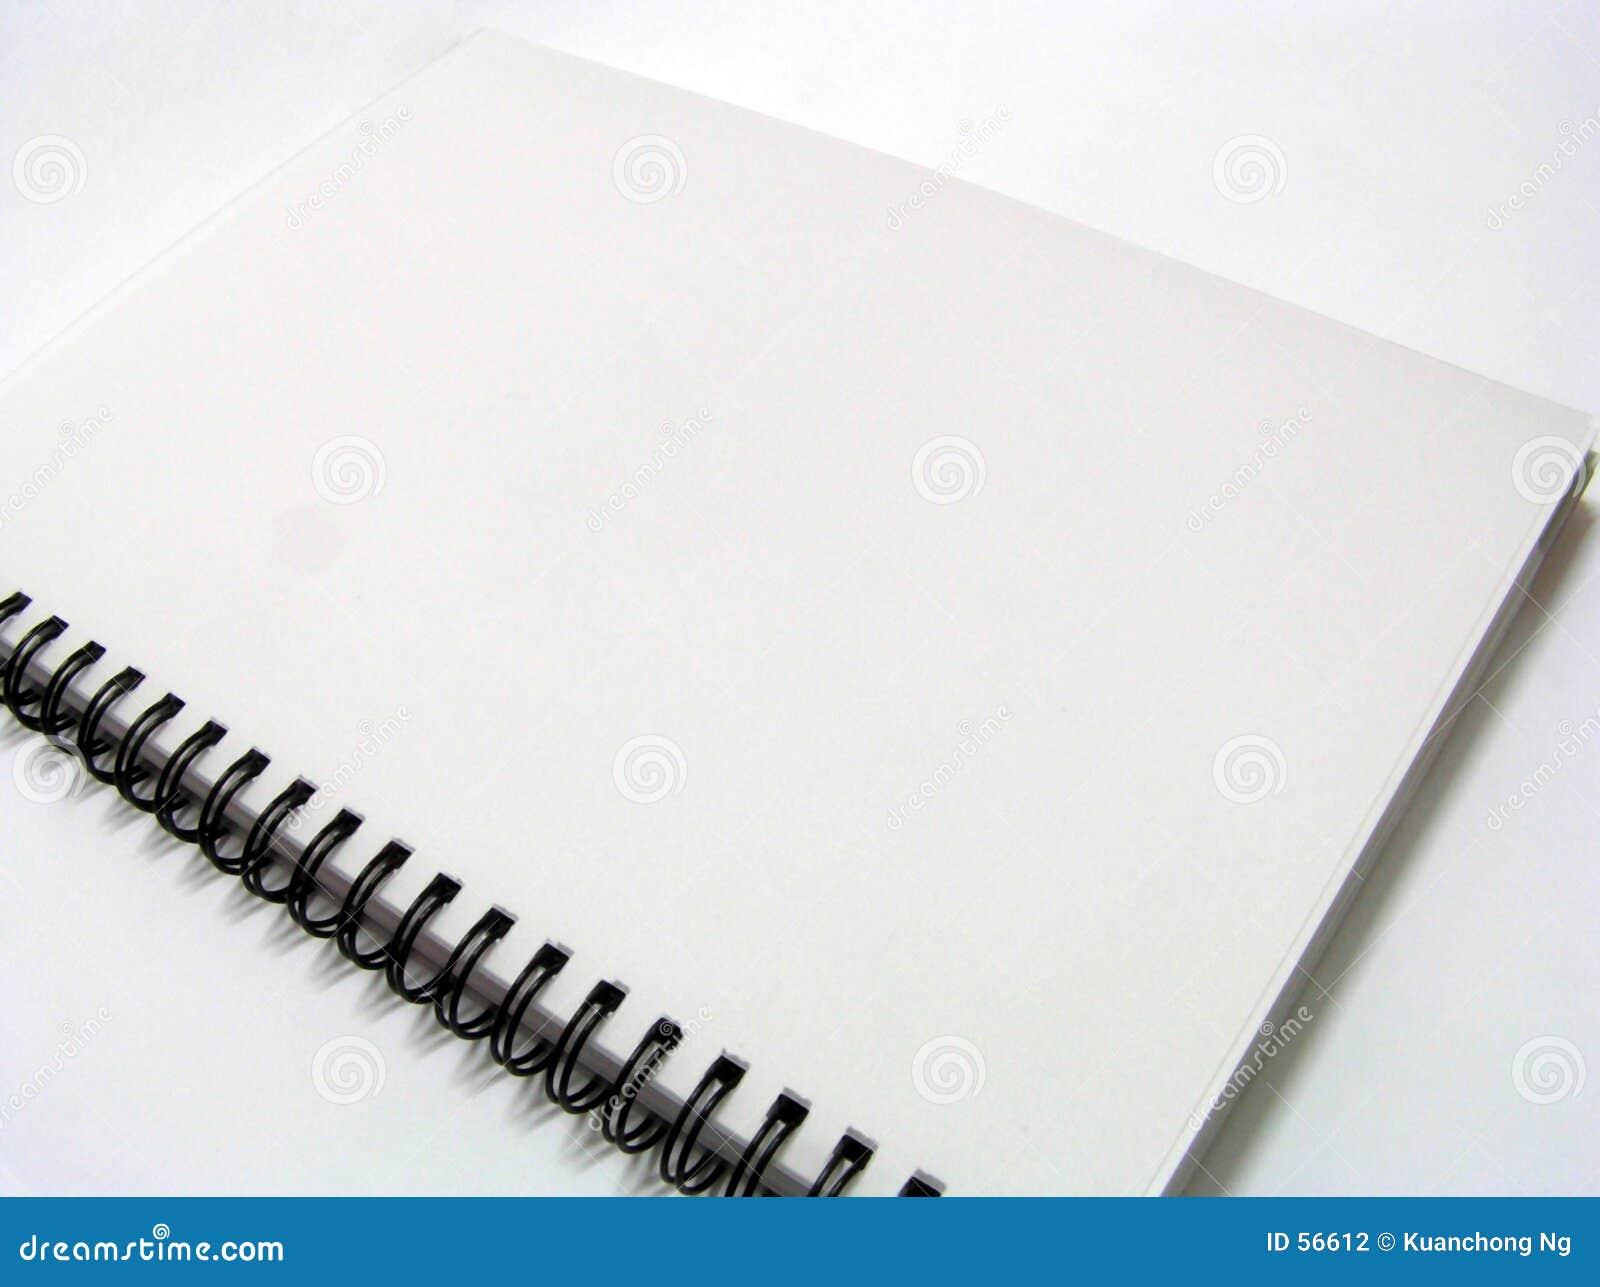 Notebook - plain